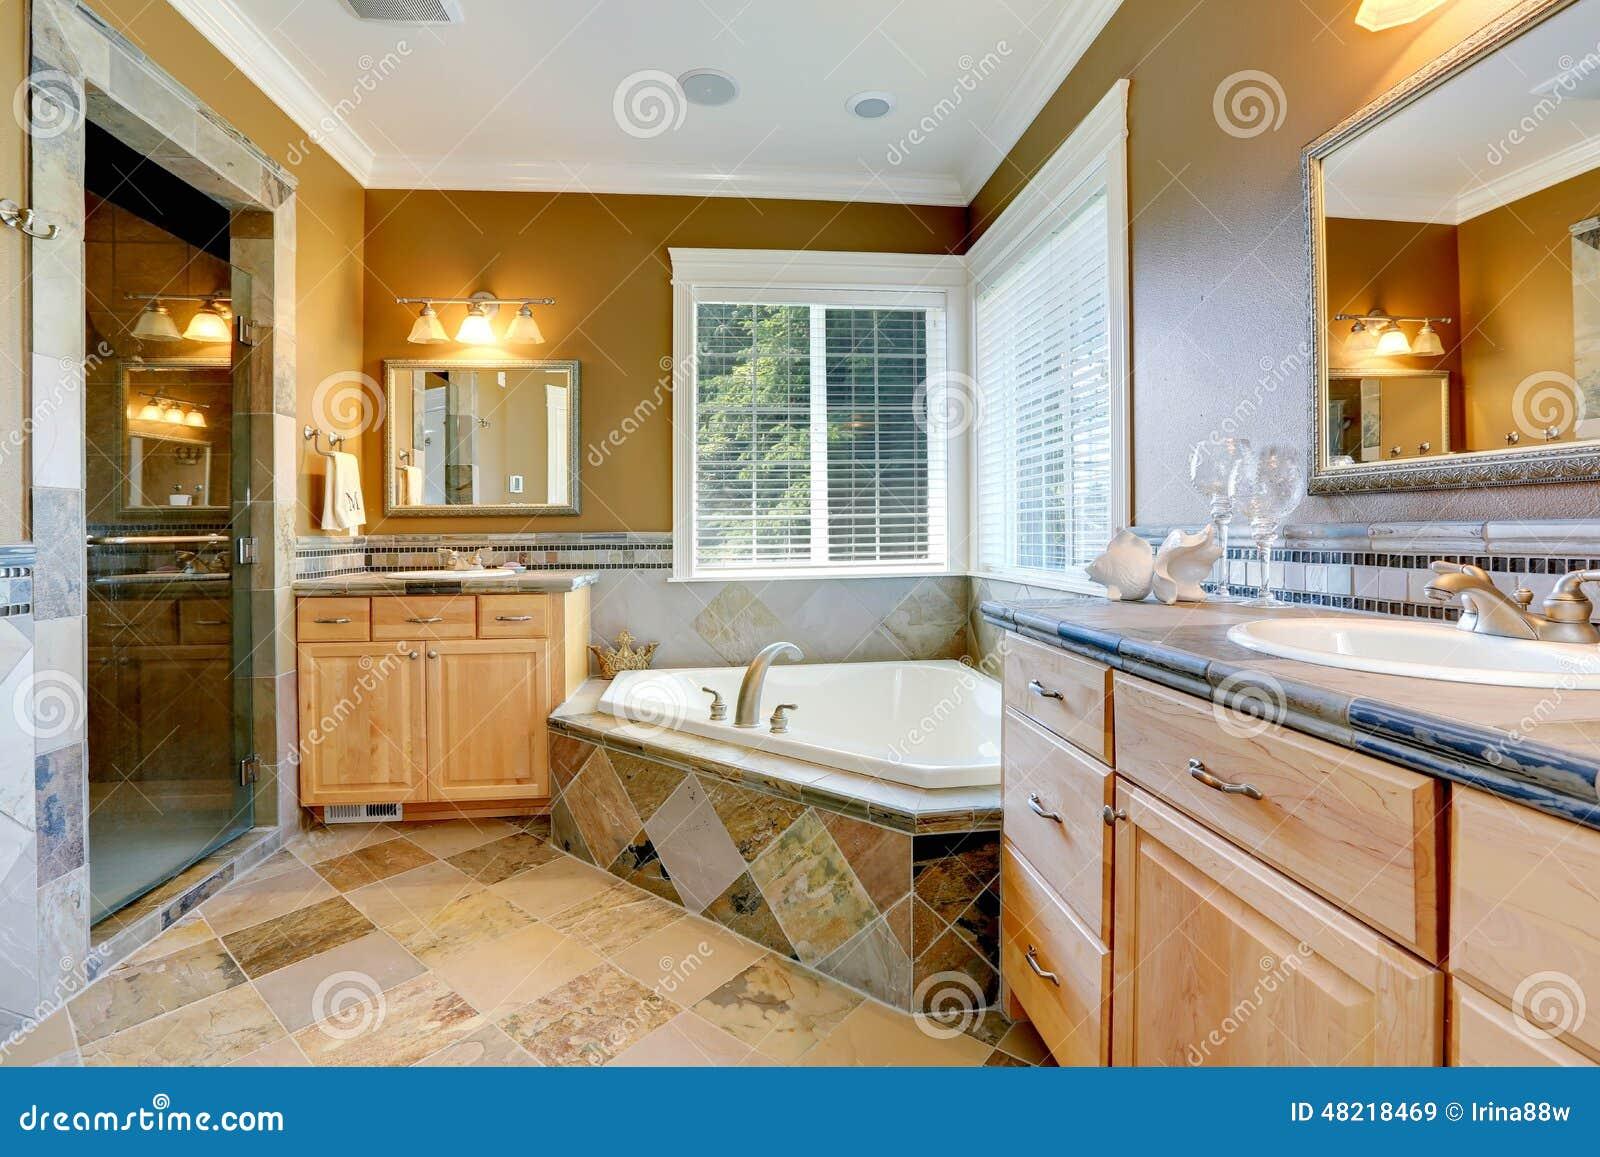 Fotos De Banheiro Com Banheira De Canto  gotoworldfrcom decoração de banhei -> Fotos De Banheiro Com Banheira De Canto